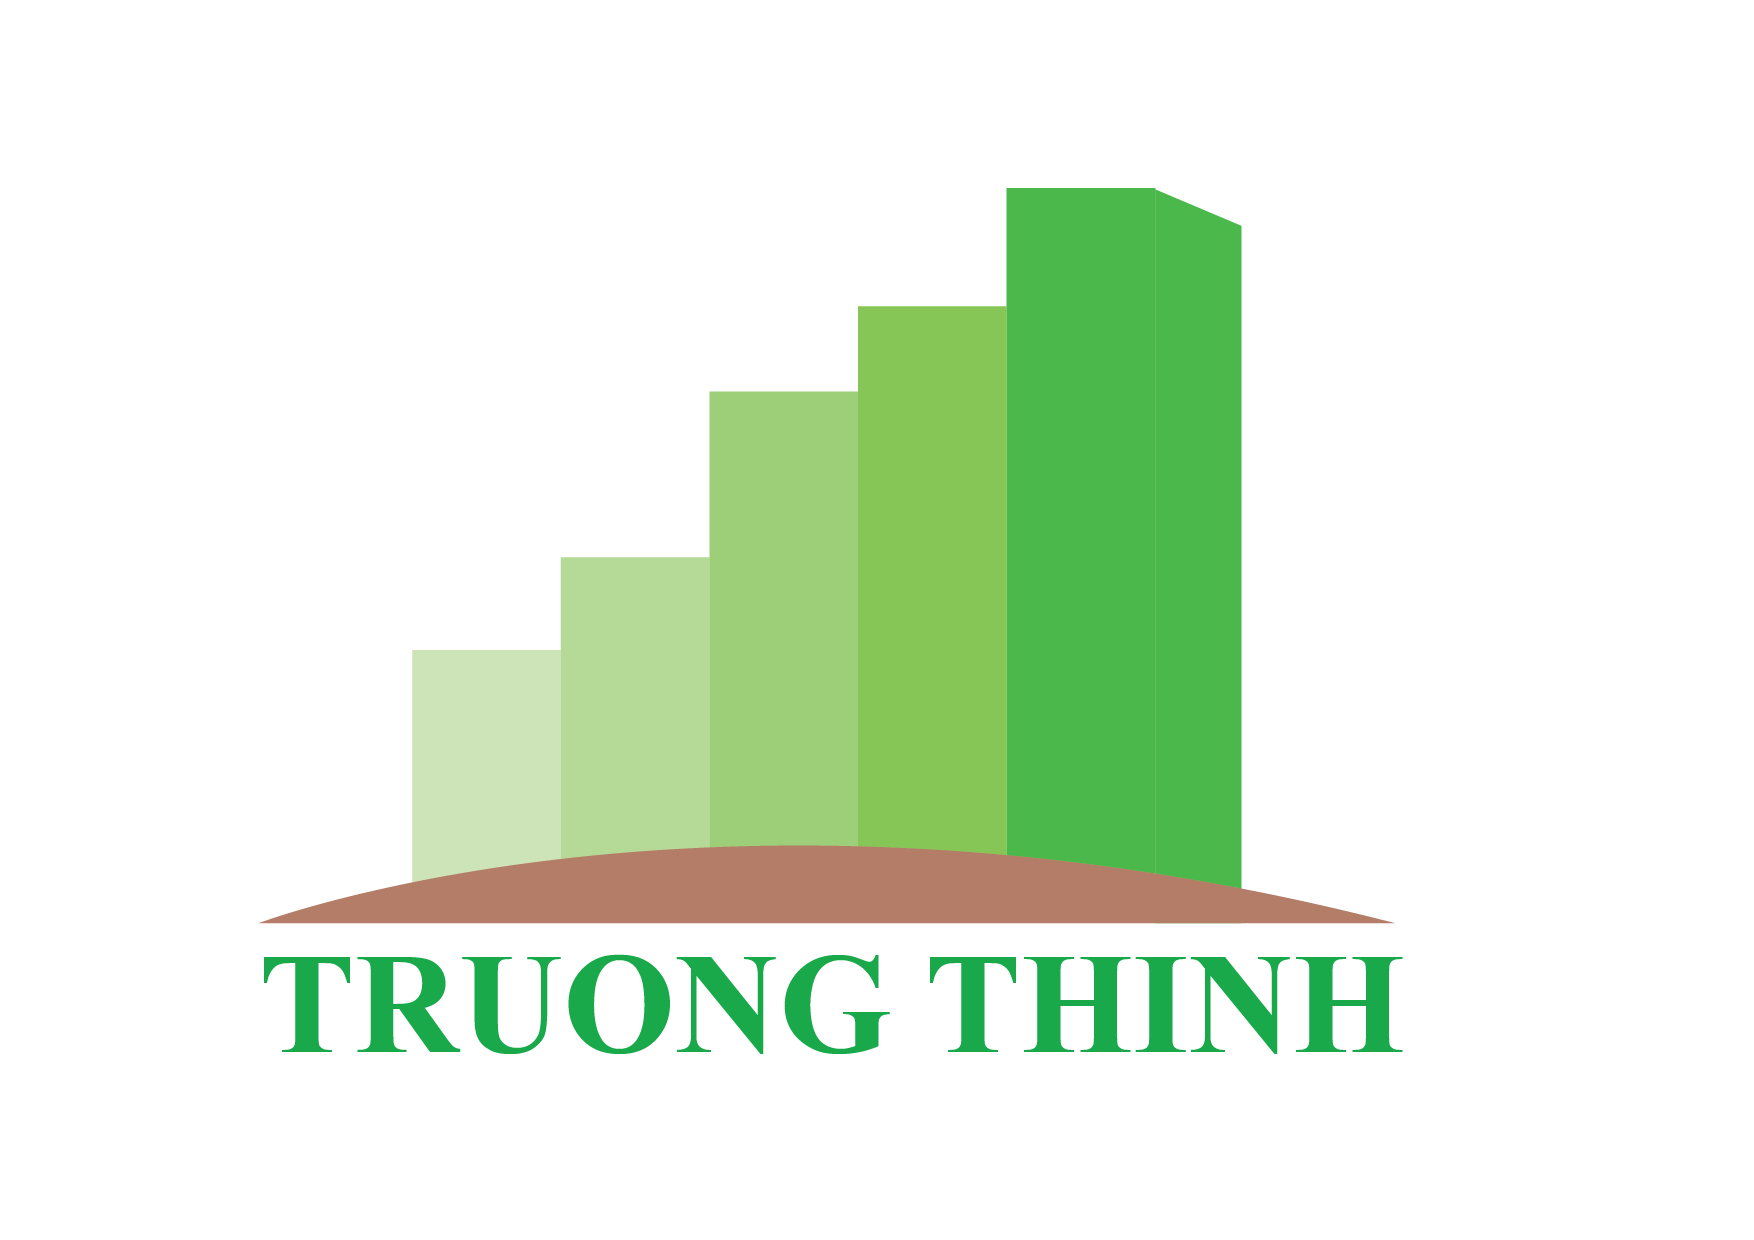 Tổng kết TTBĐS tháng 5/2015: Giao dịch tăng so với cùng kỳ năm 2014